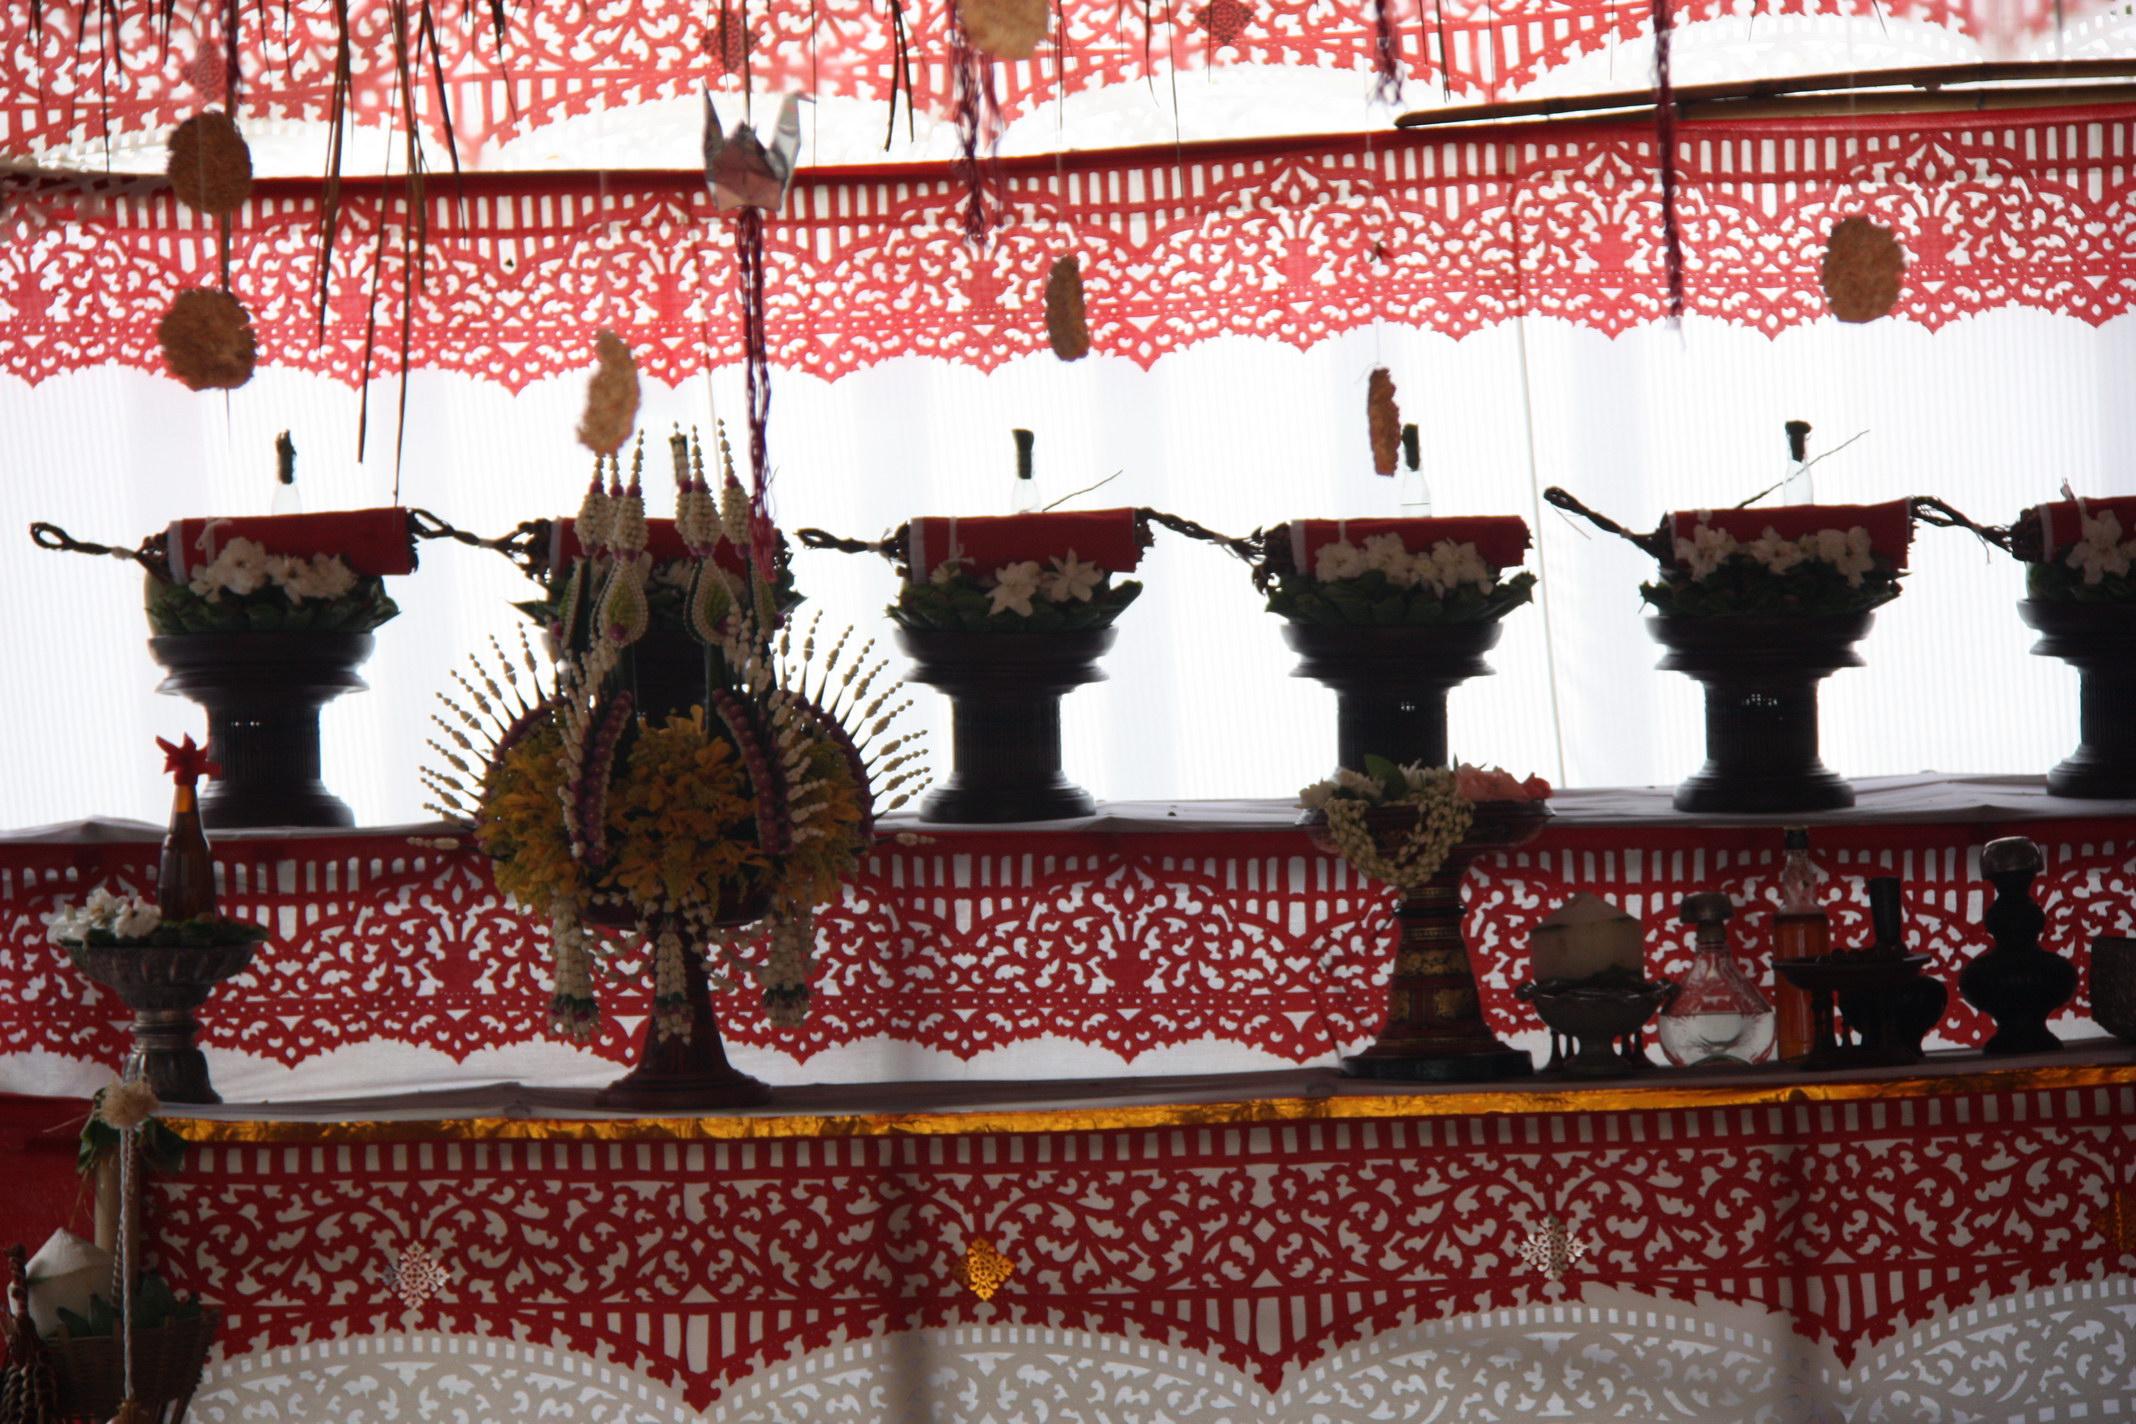 ร่วมประเพณีฟ้อนบวงสรวงบรรพกษัตริย์อารักษ์หลวงแห่งนครเชียงใหม่ ประจำปี 2559